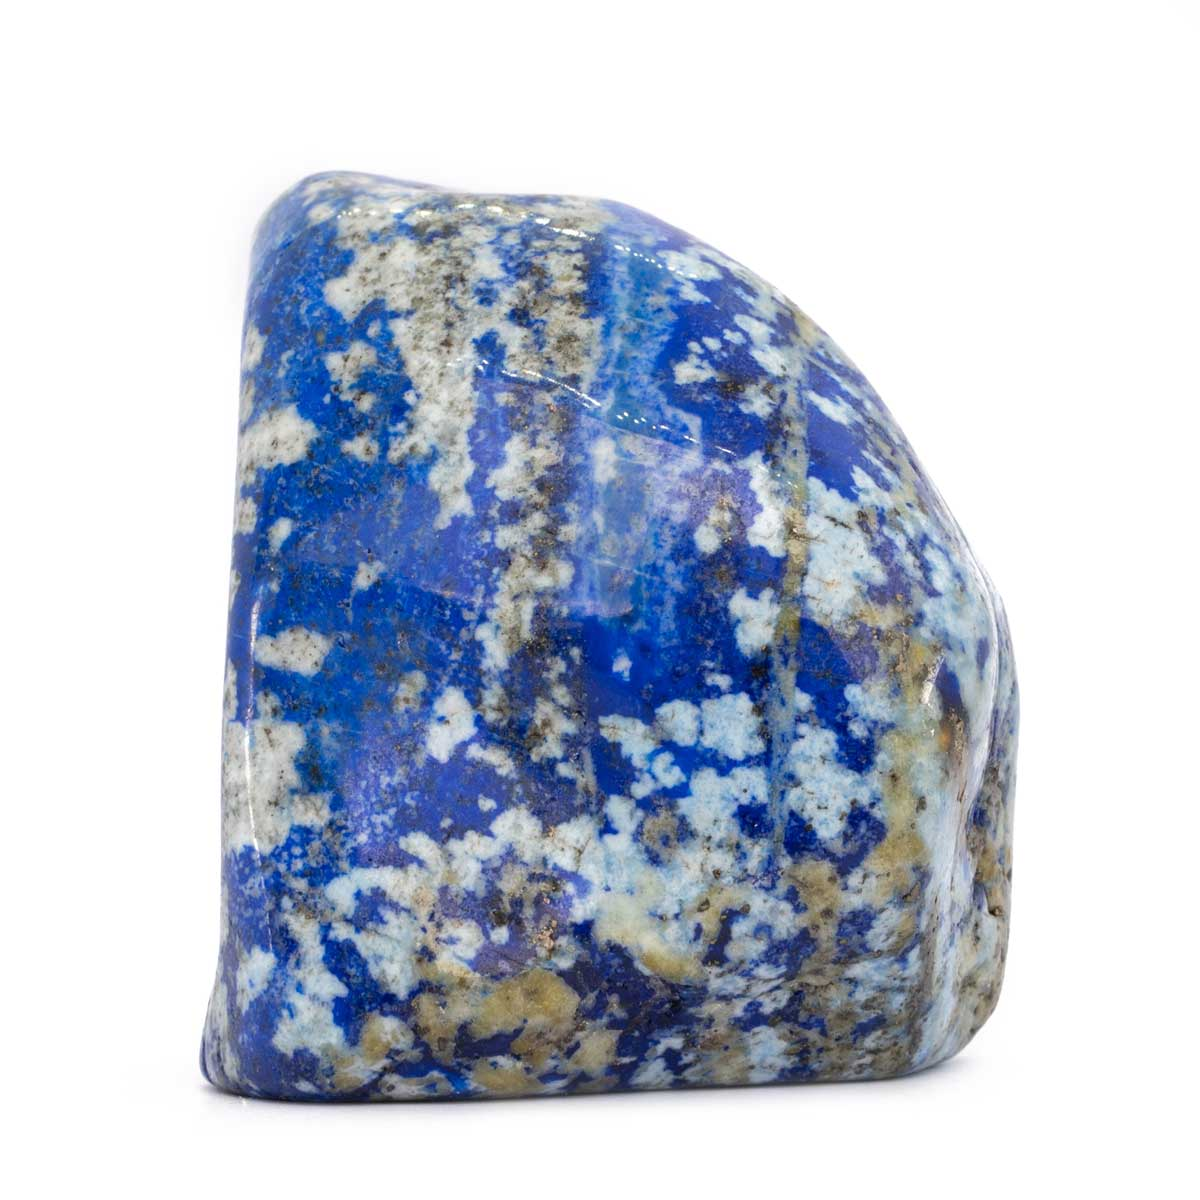 Sri Avinash Infused™ Lapis Lazuli Freeform - Relationships & Prosperity Infusion